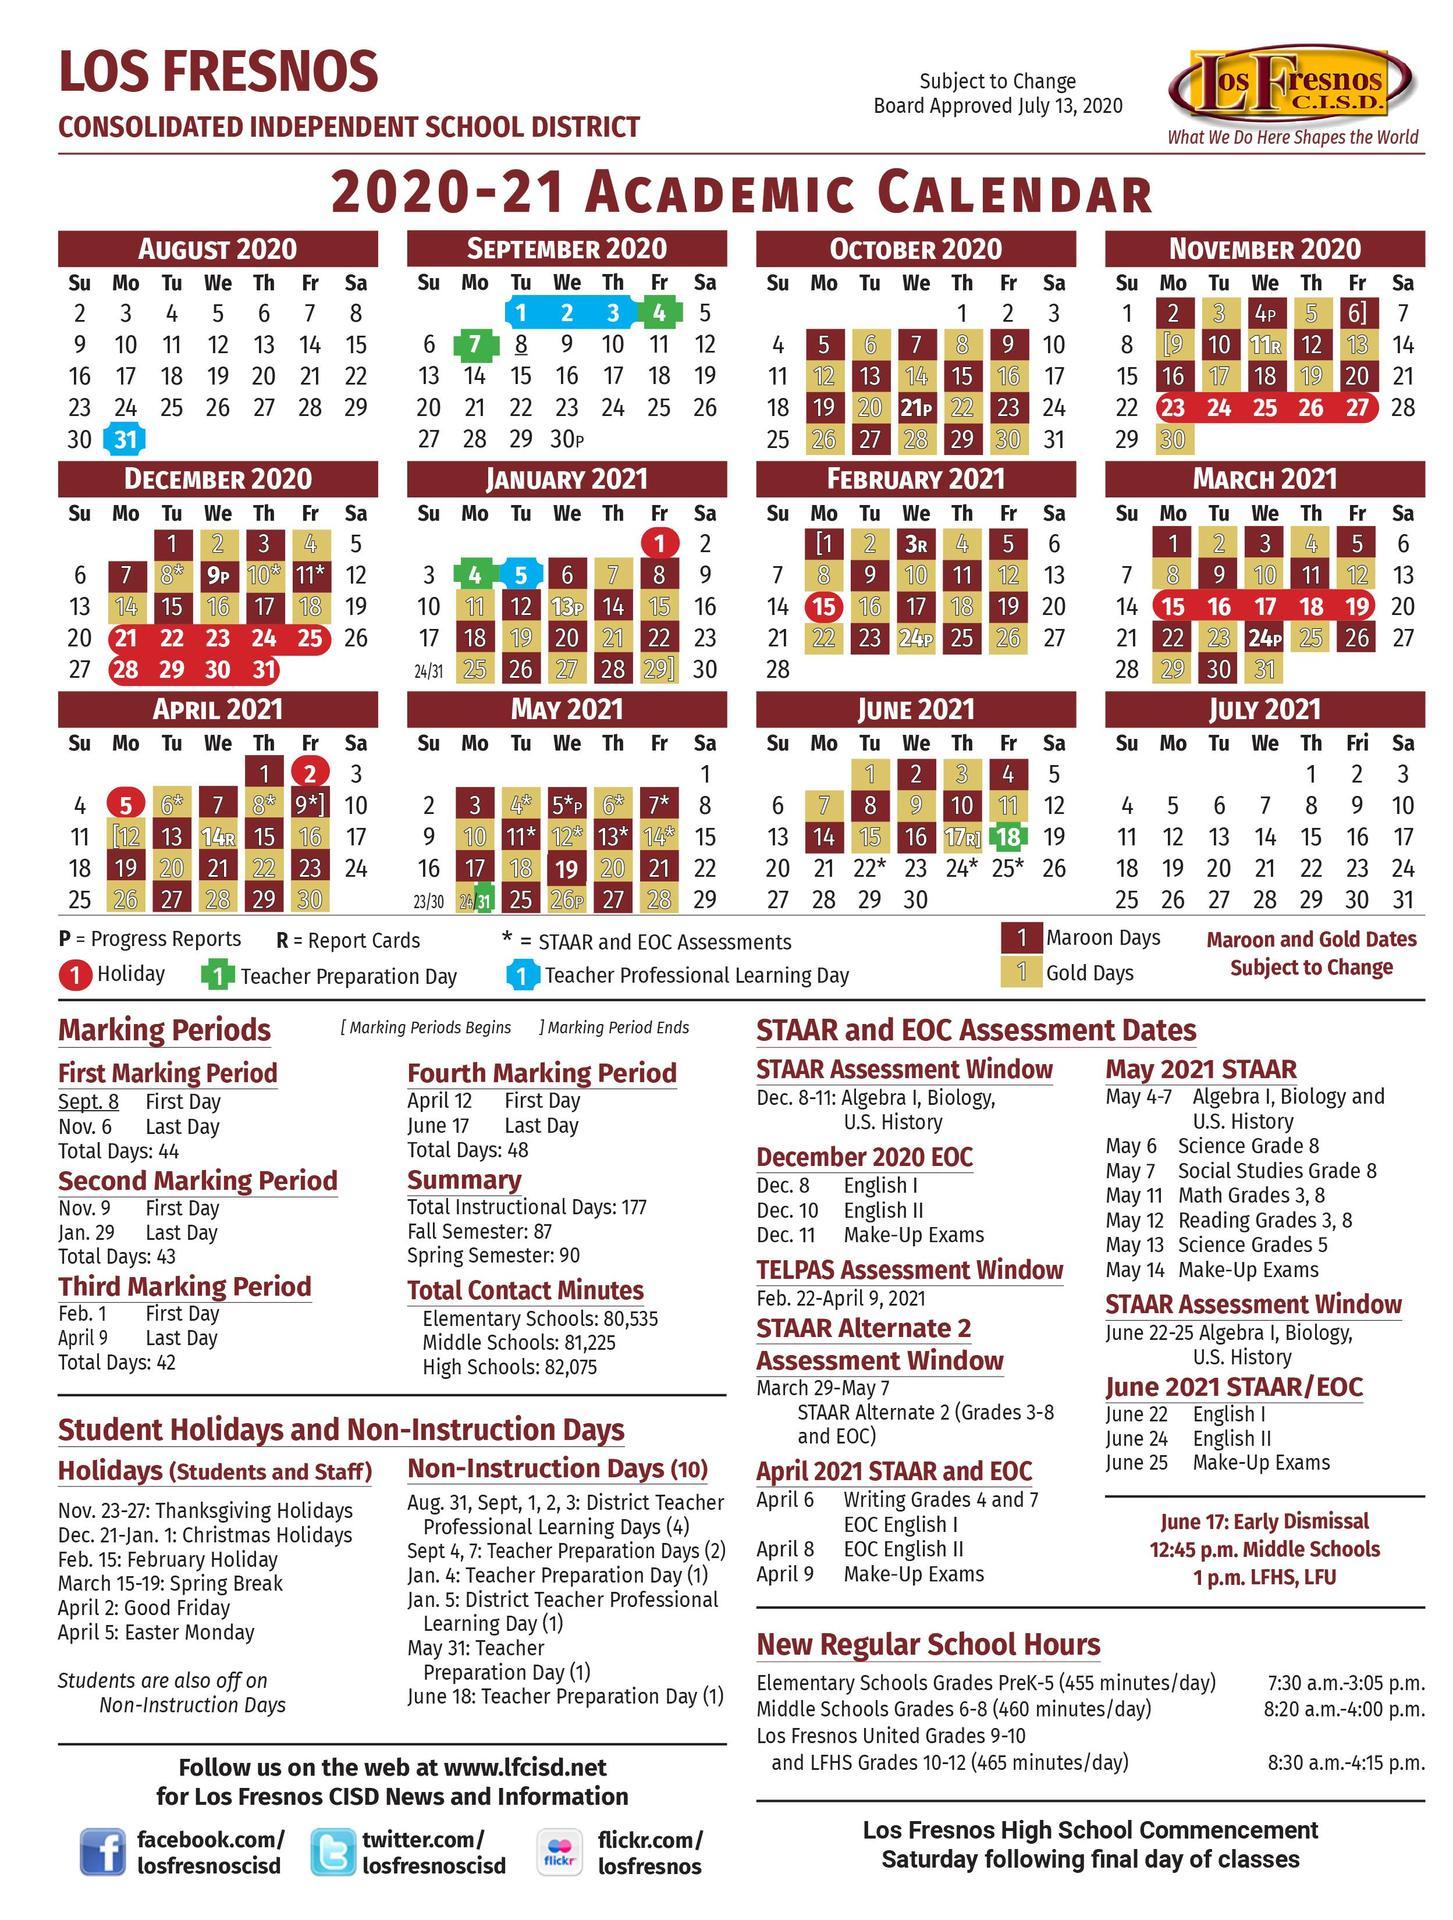 2020 - 2021 Academic Calendar - School Information - Los